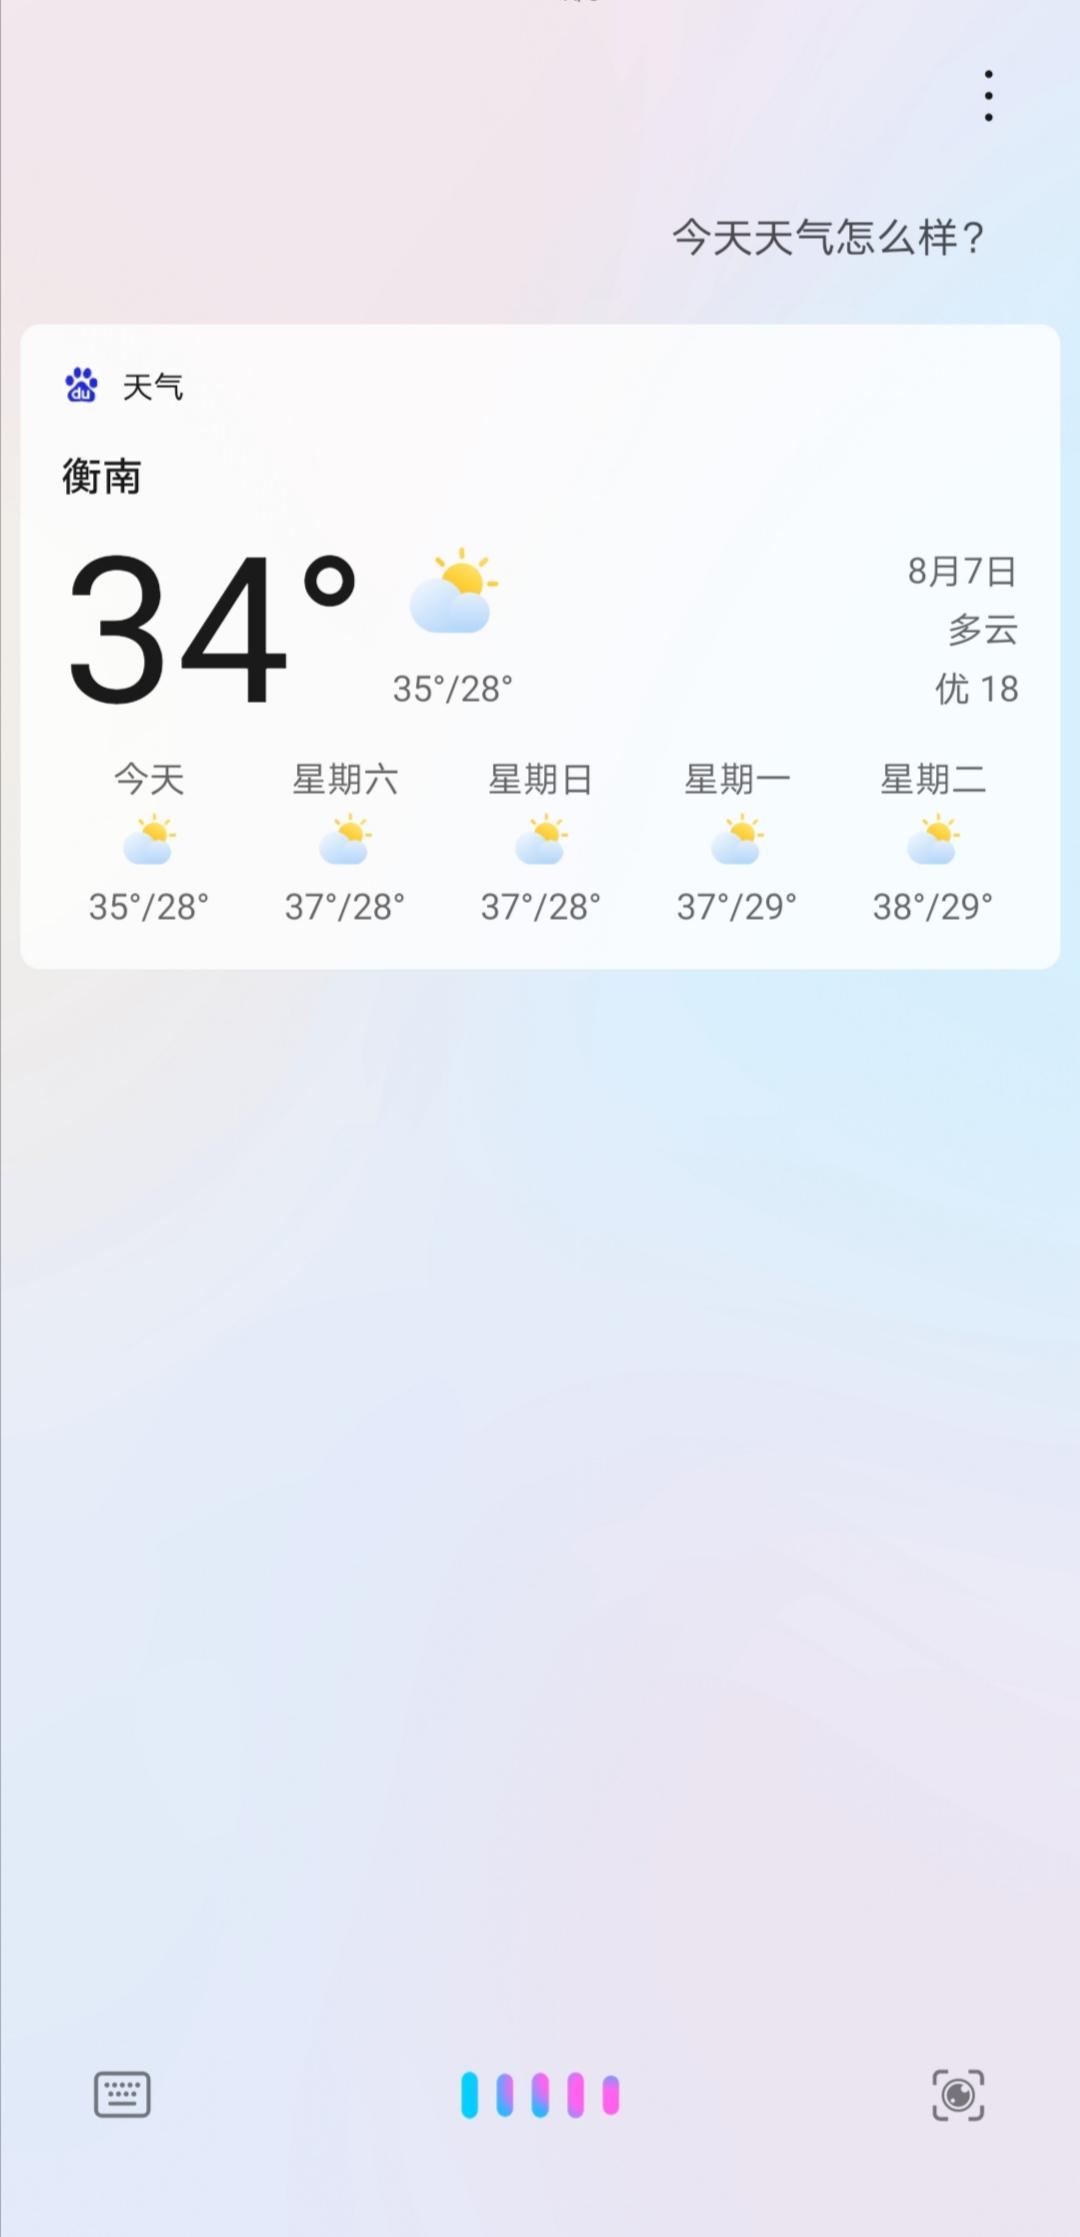 Screenshot_20200807_202022.jpg